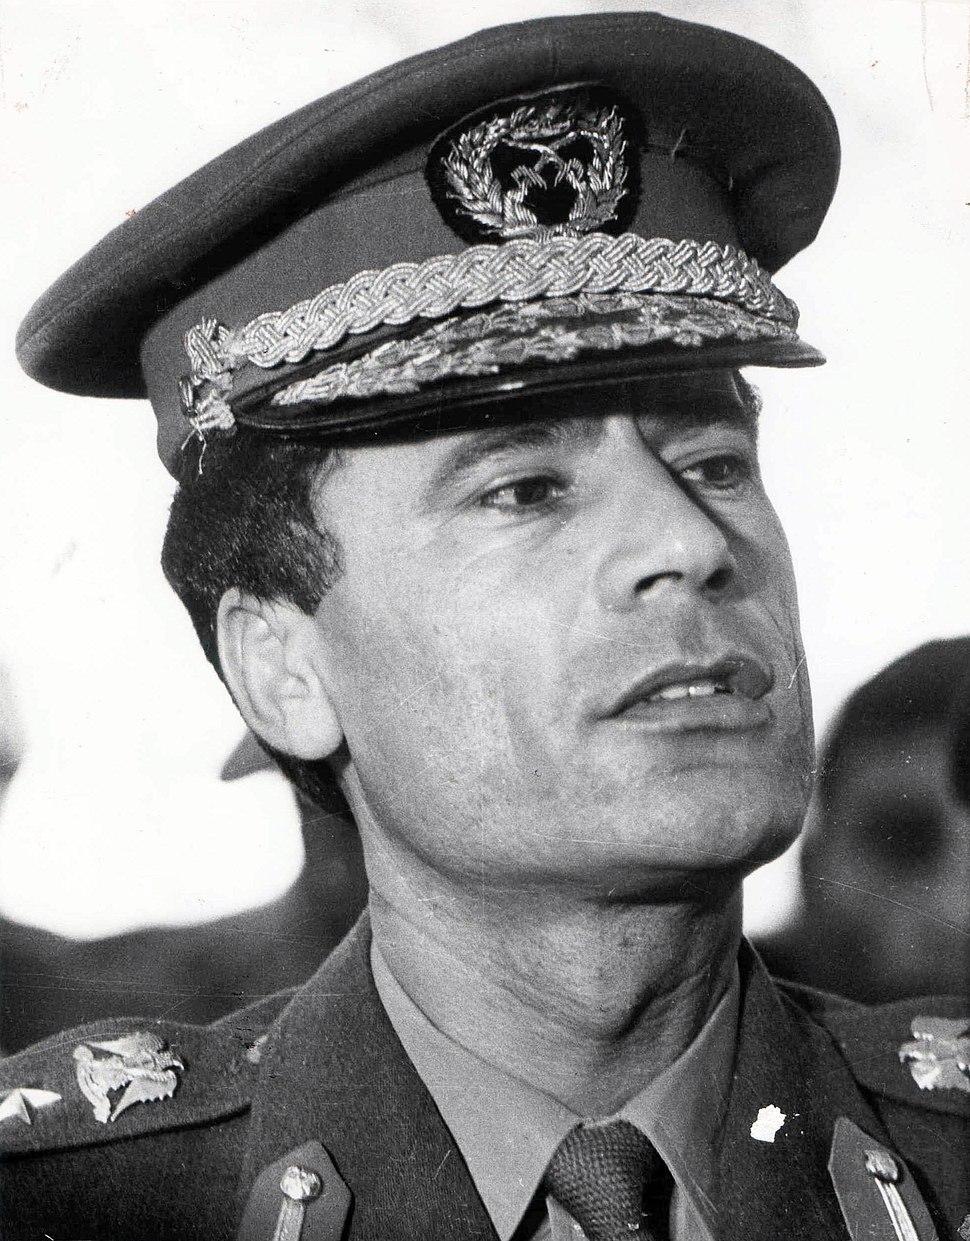 Moamer el Gadafi (cropped)